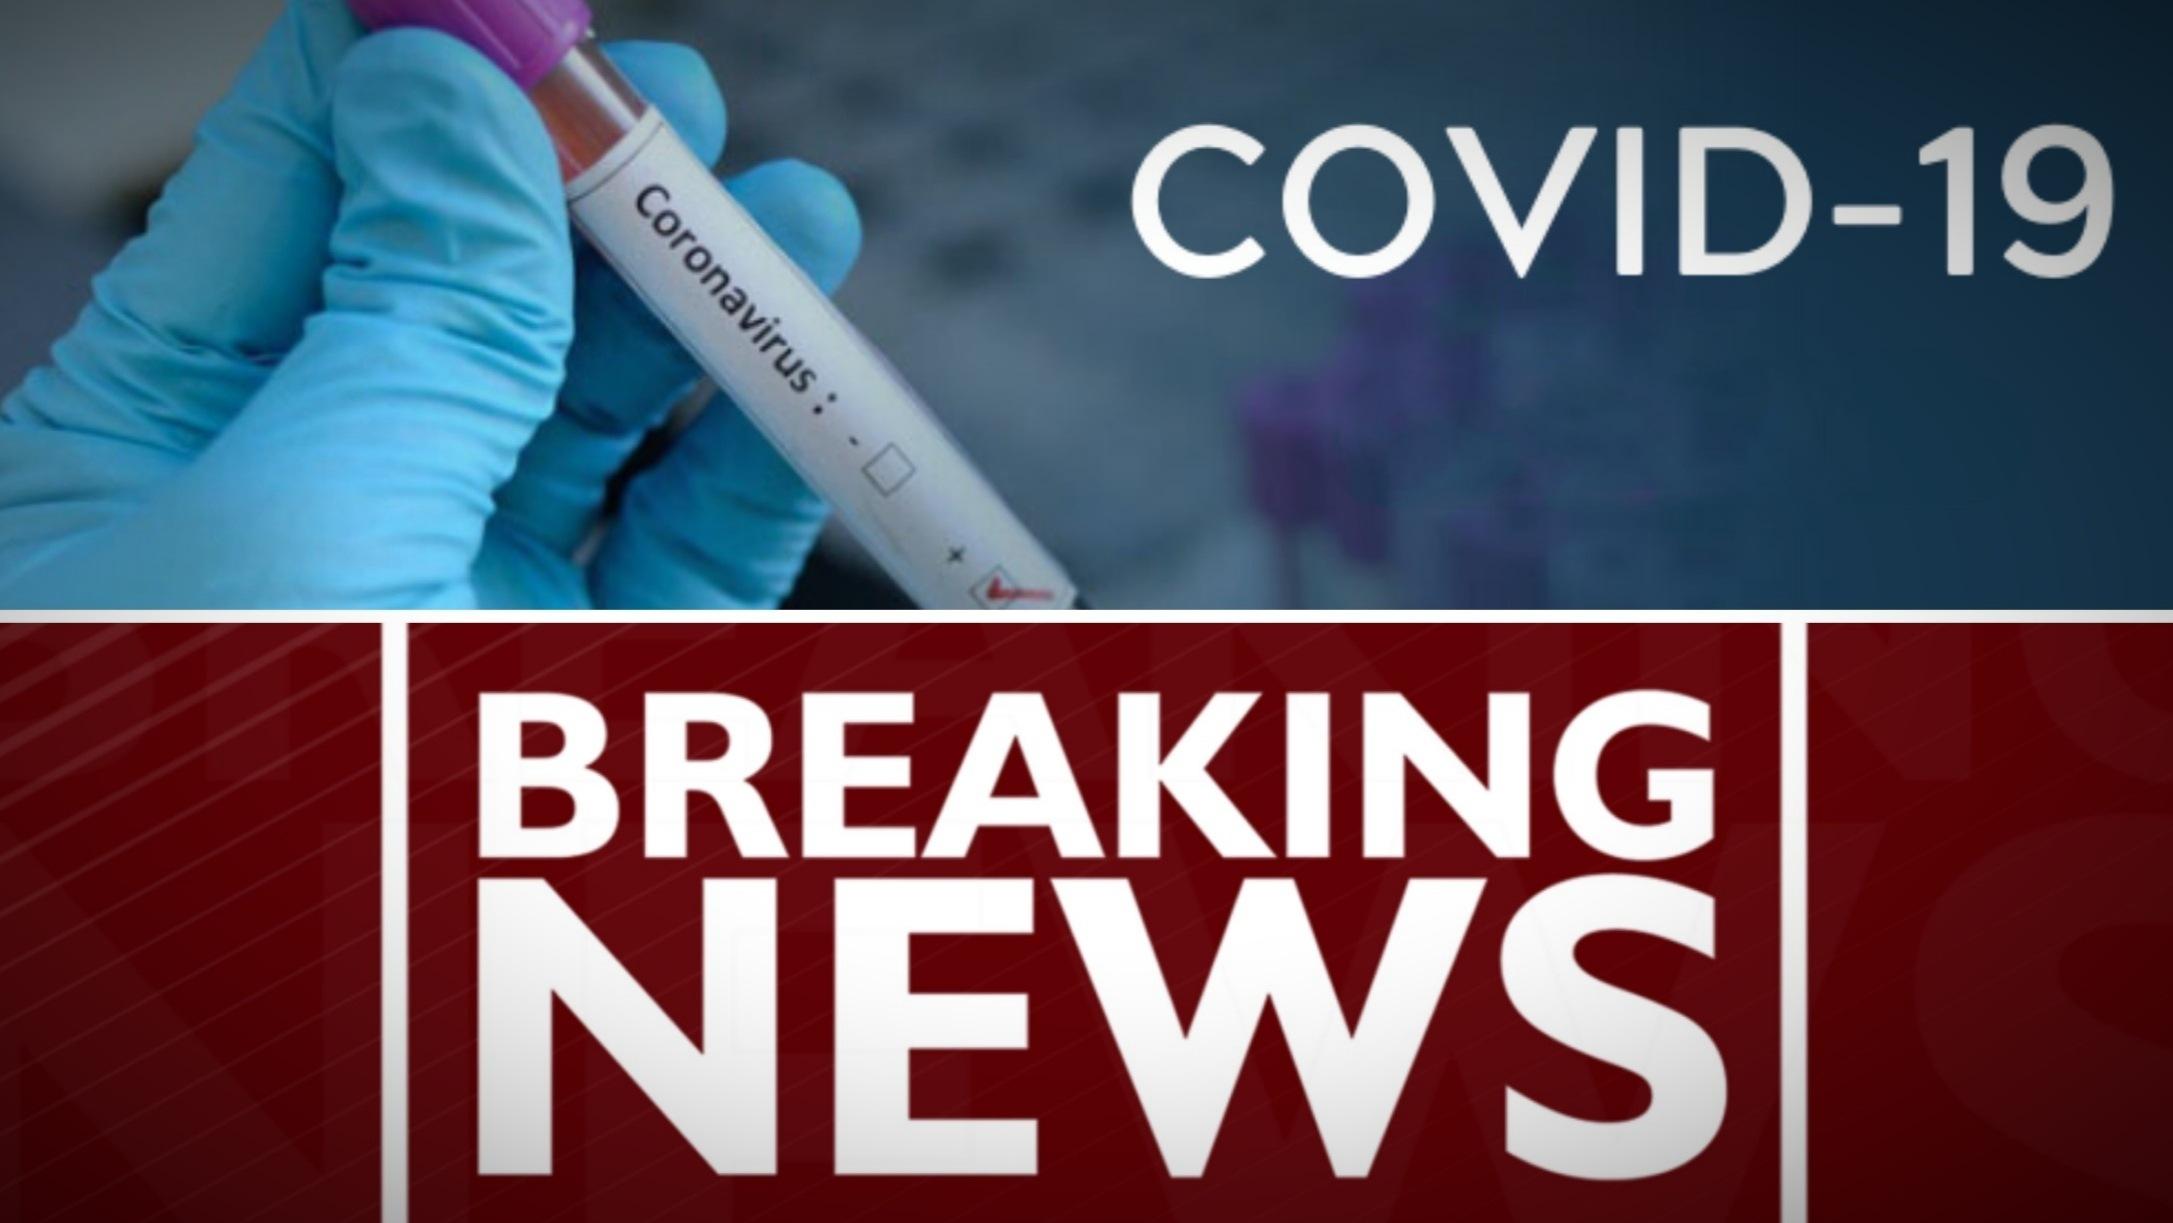 ESTE OFICIAL! Organizația Mondială a Sănătății a declarat PANDEMIE de coronavirus!